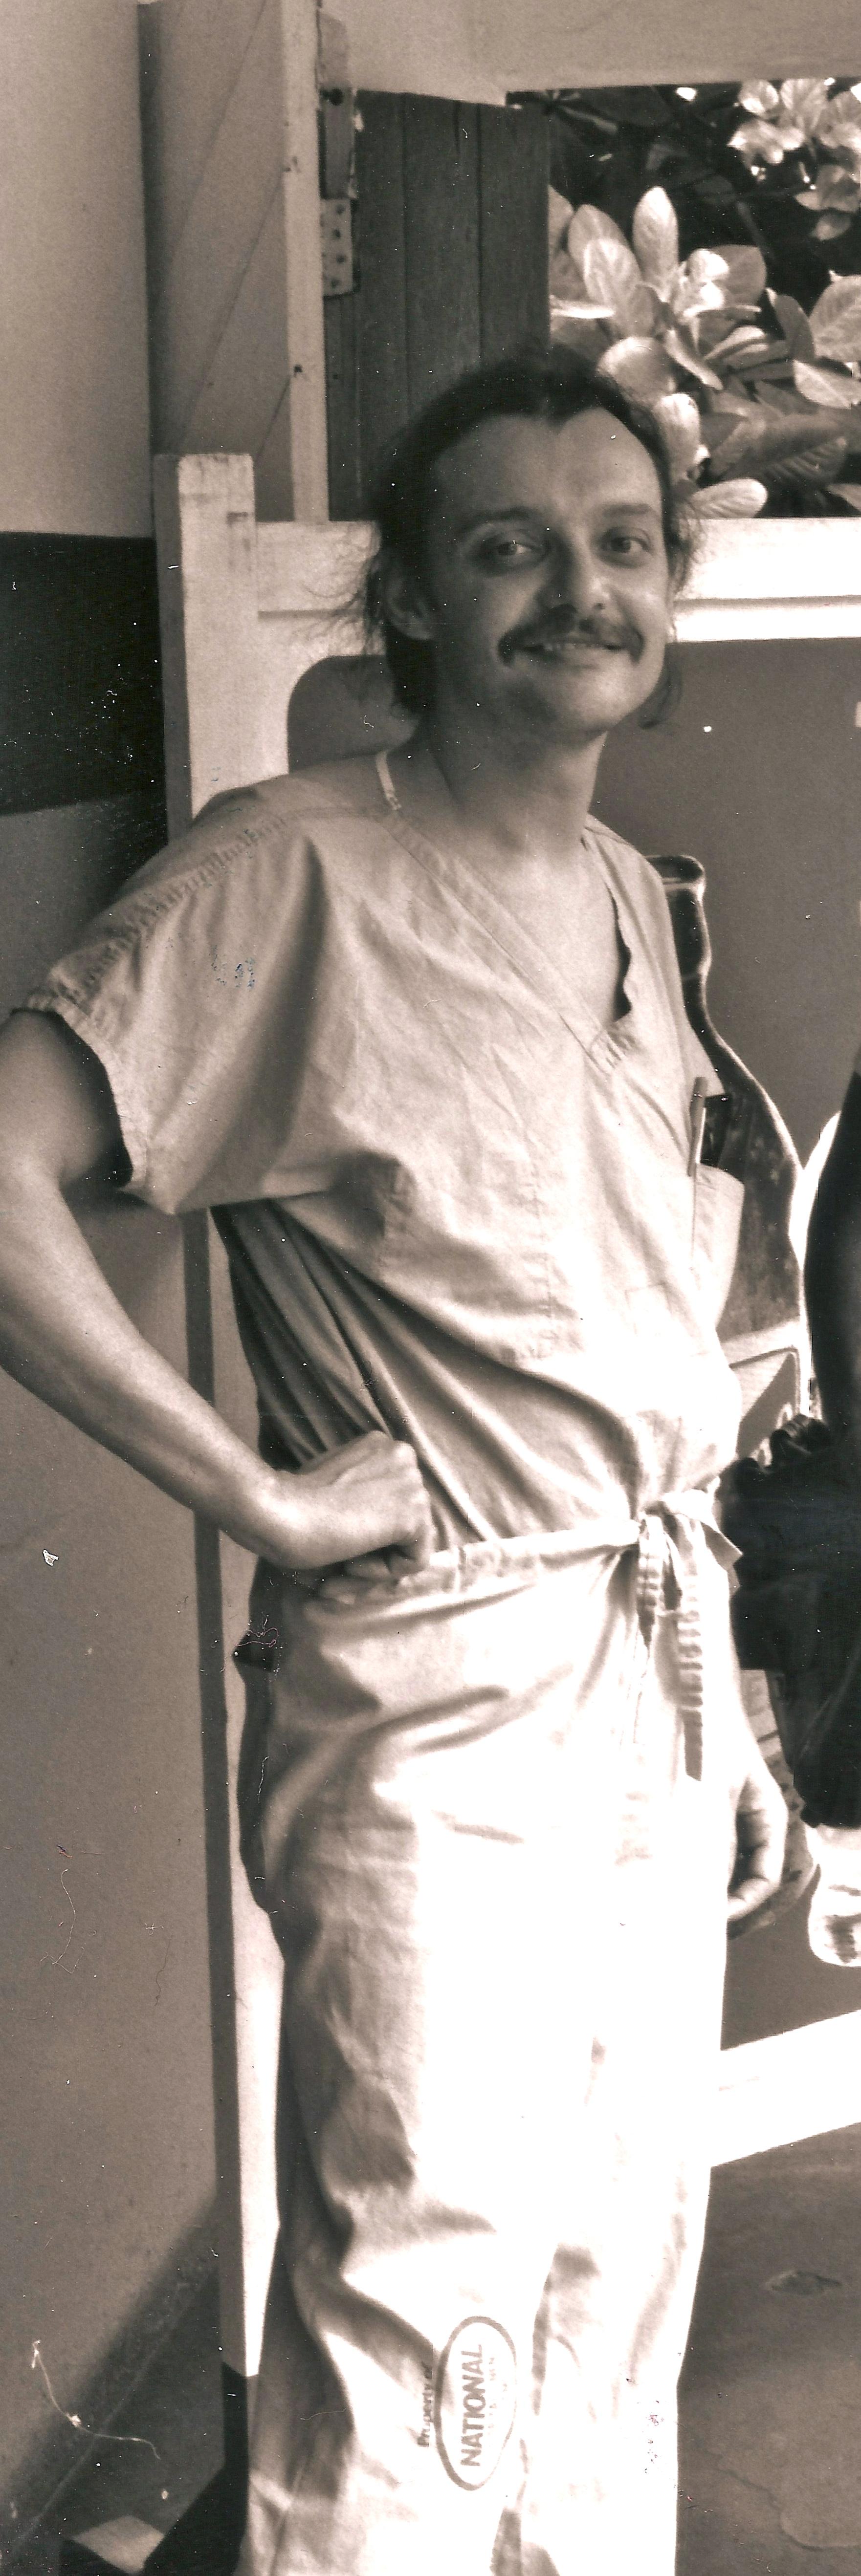 Mario Saravia